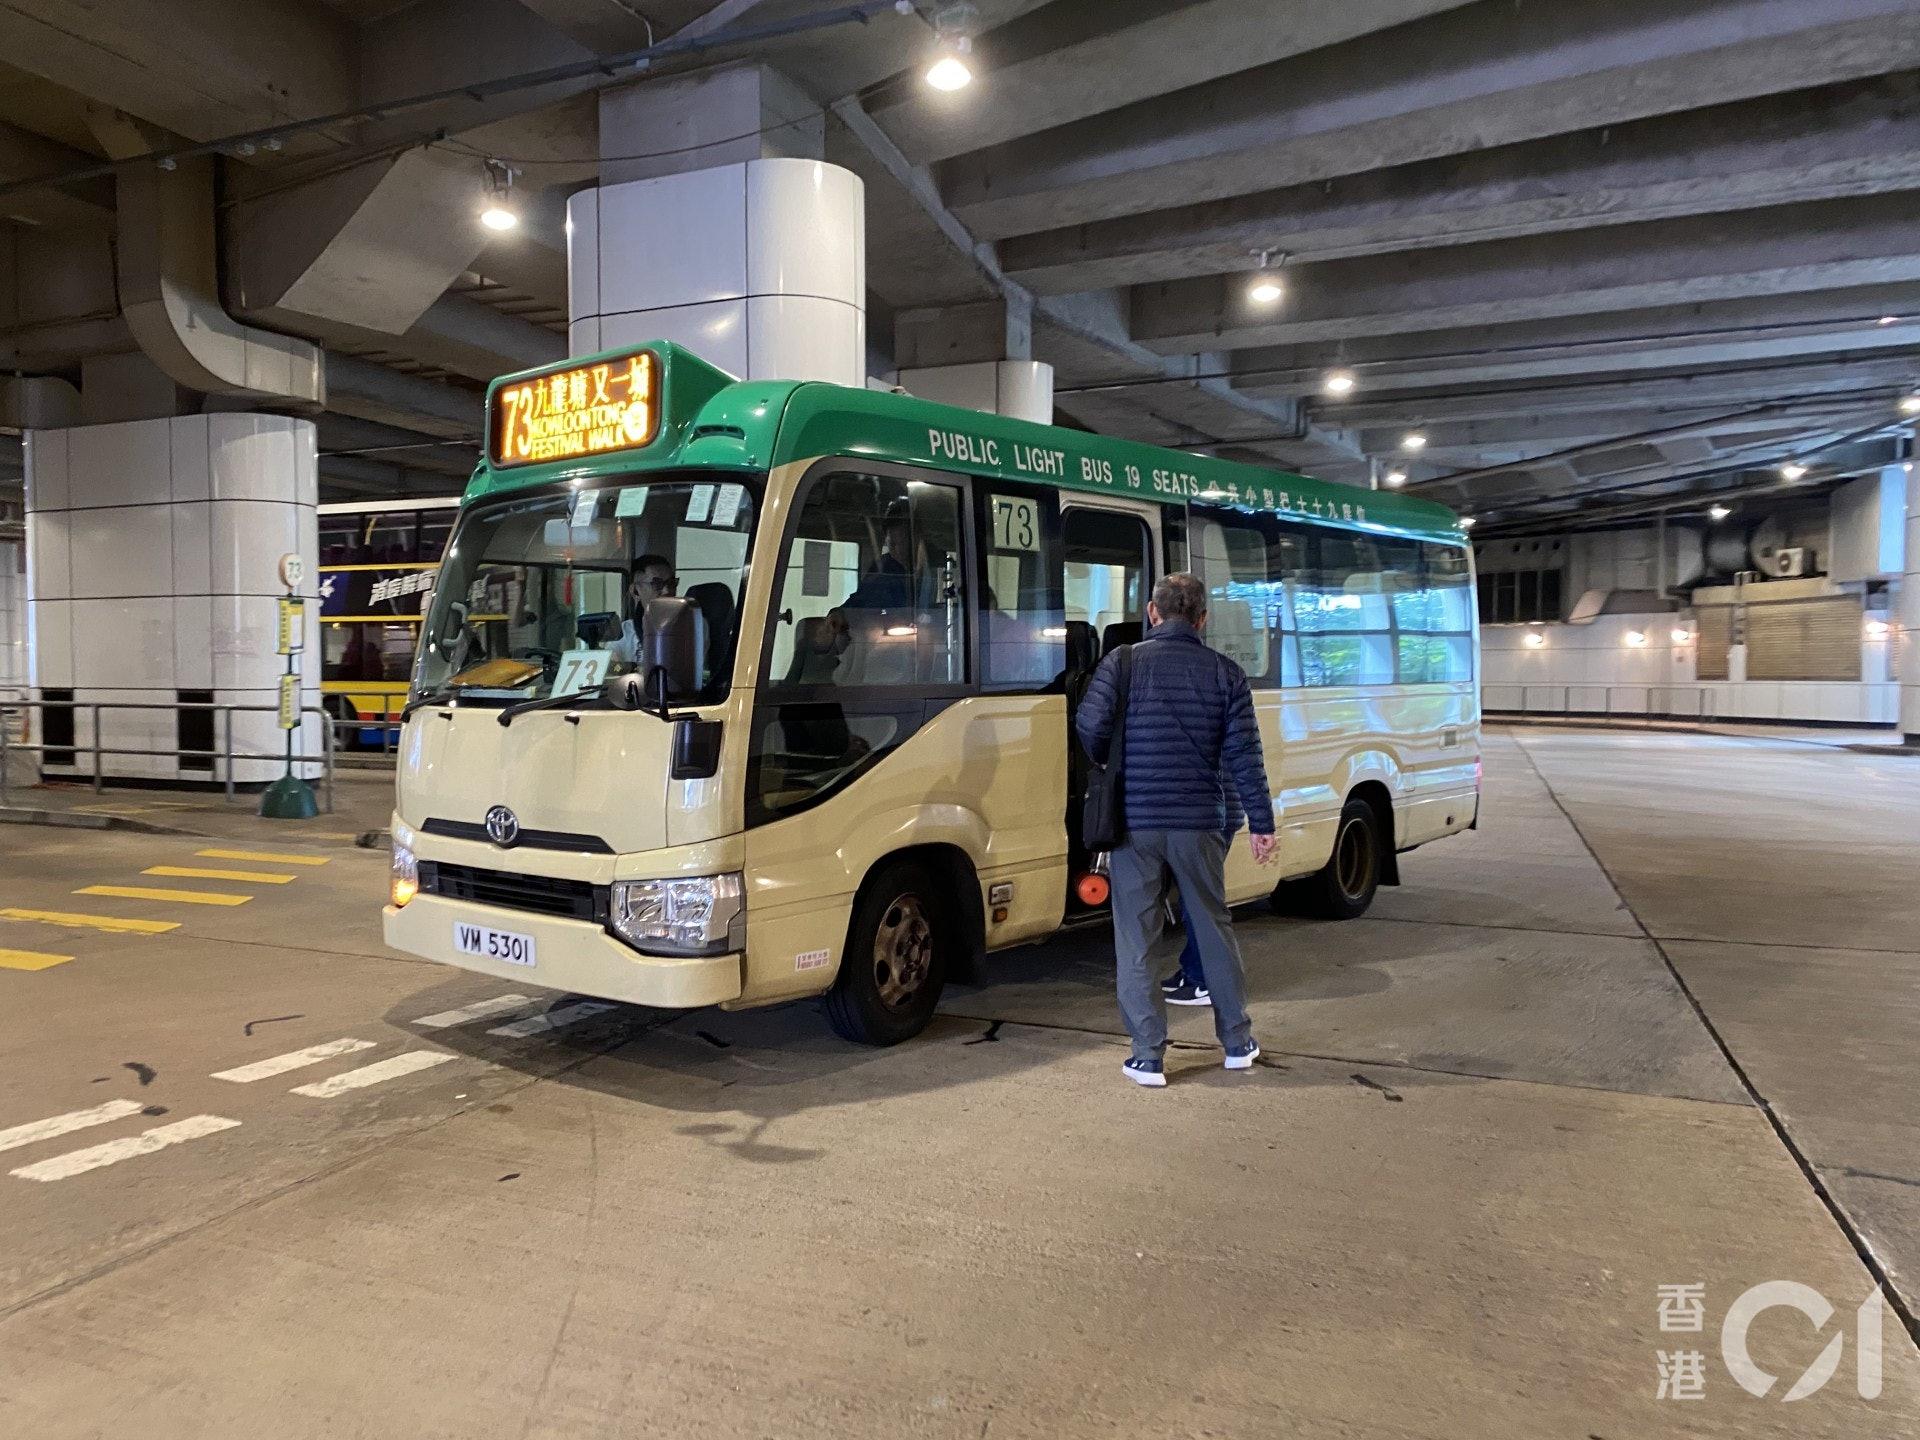 駕駛來往又一城及慈雲山的73號專線小巴的余司機表示,自又一城暫停開放後,小巴生意慘淡。(陳諾希攝)